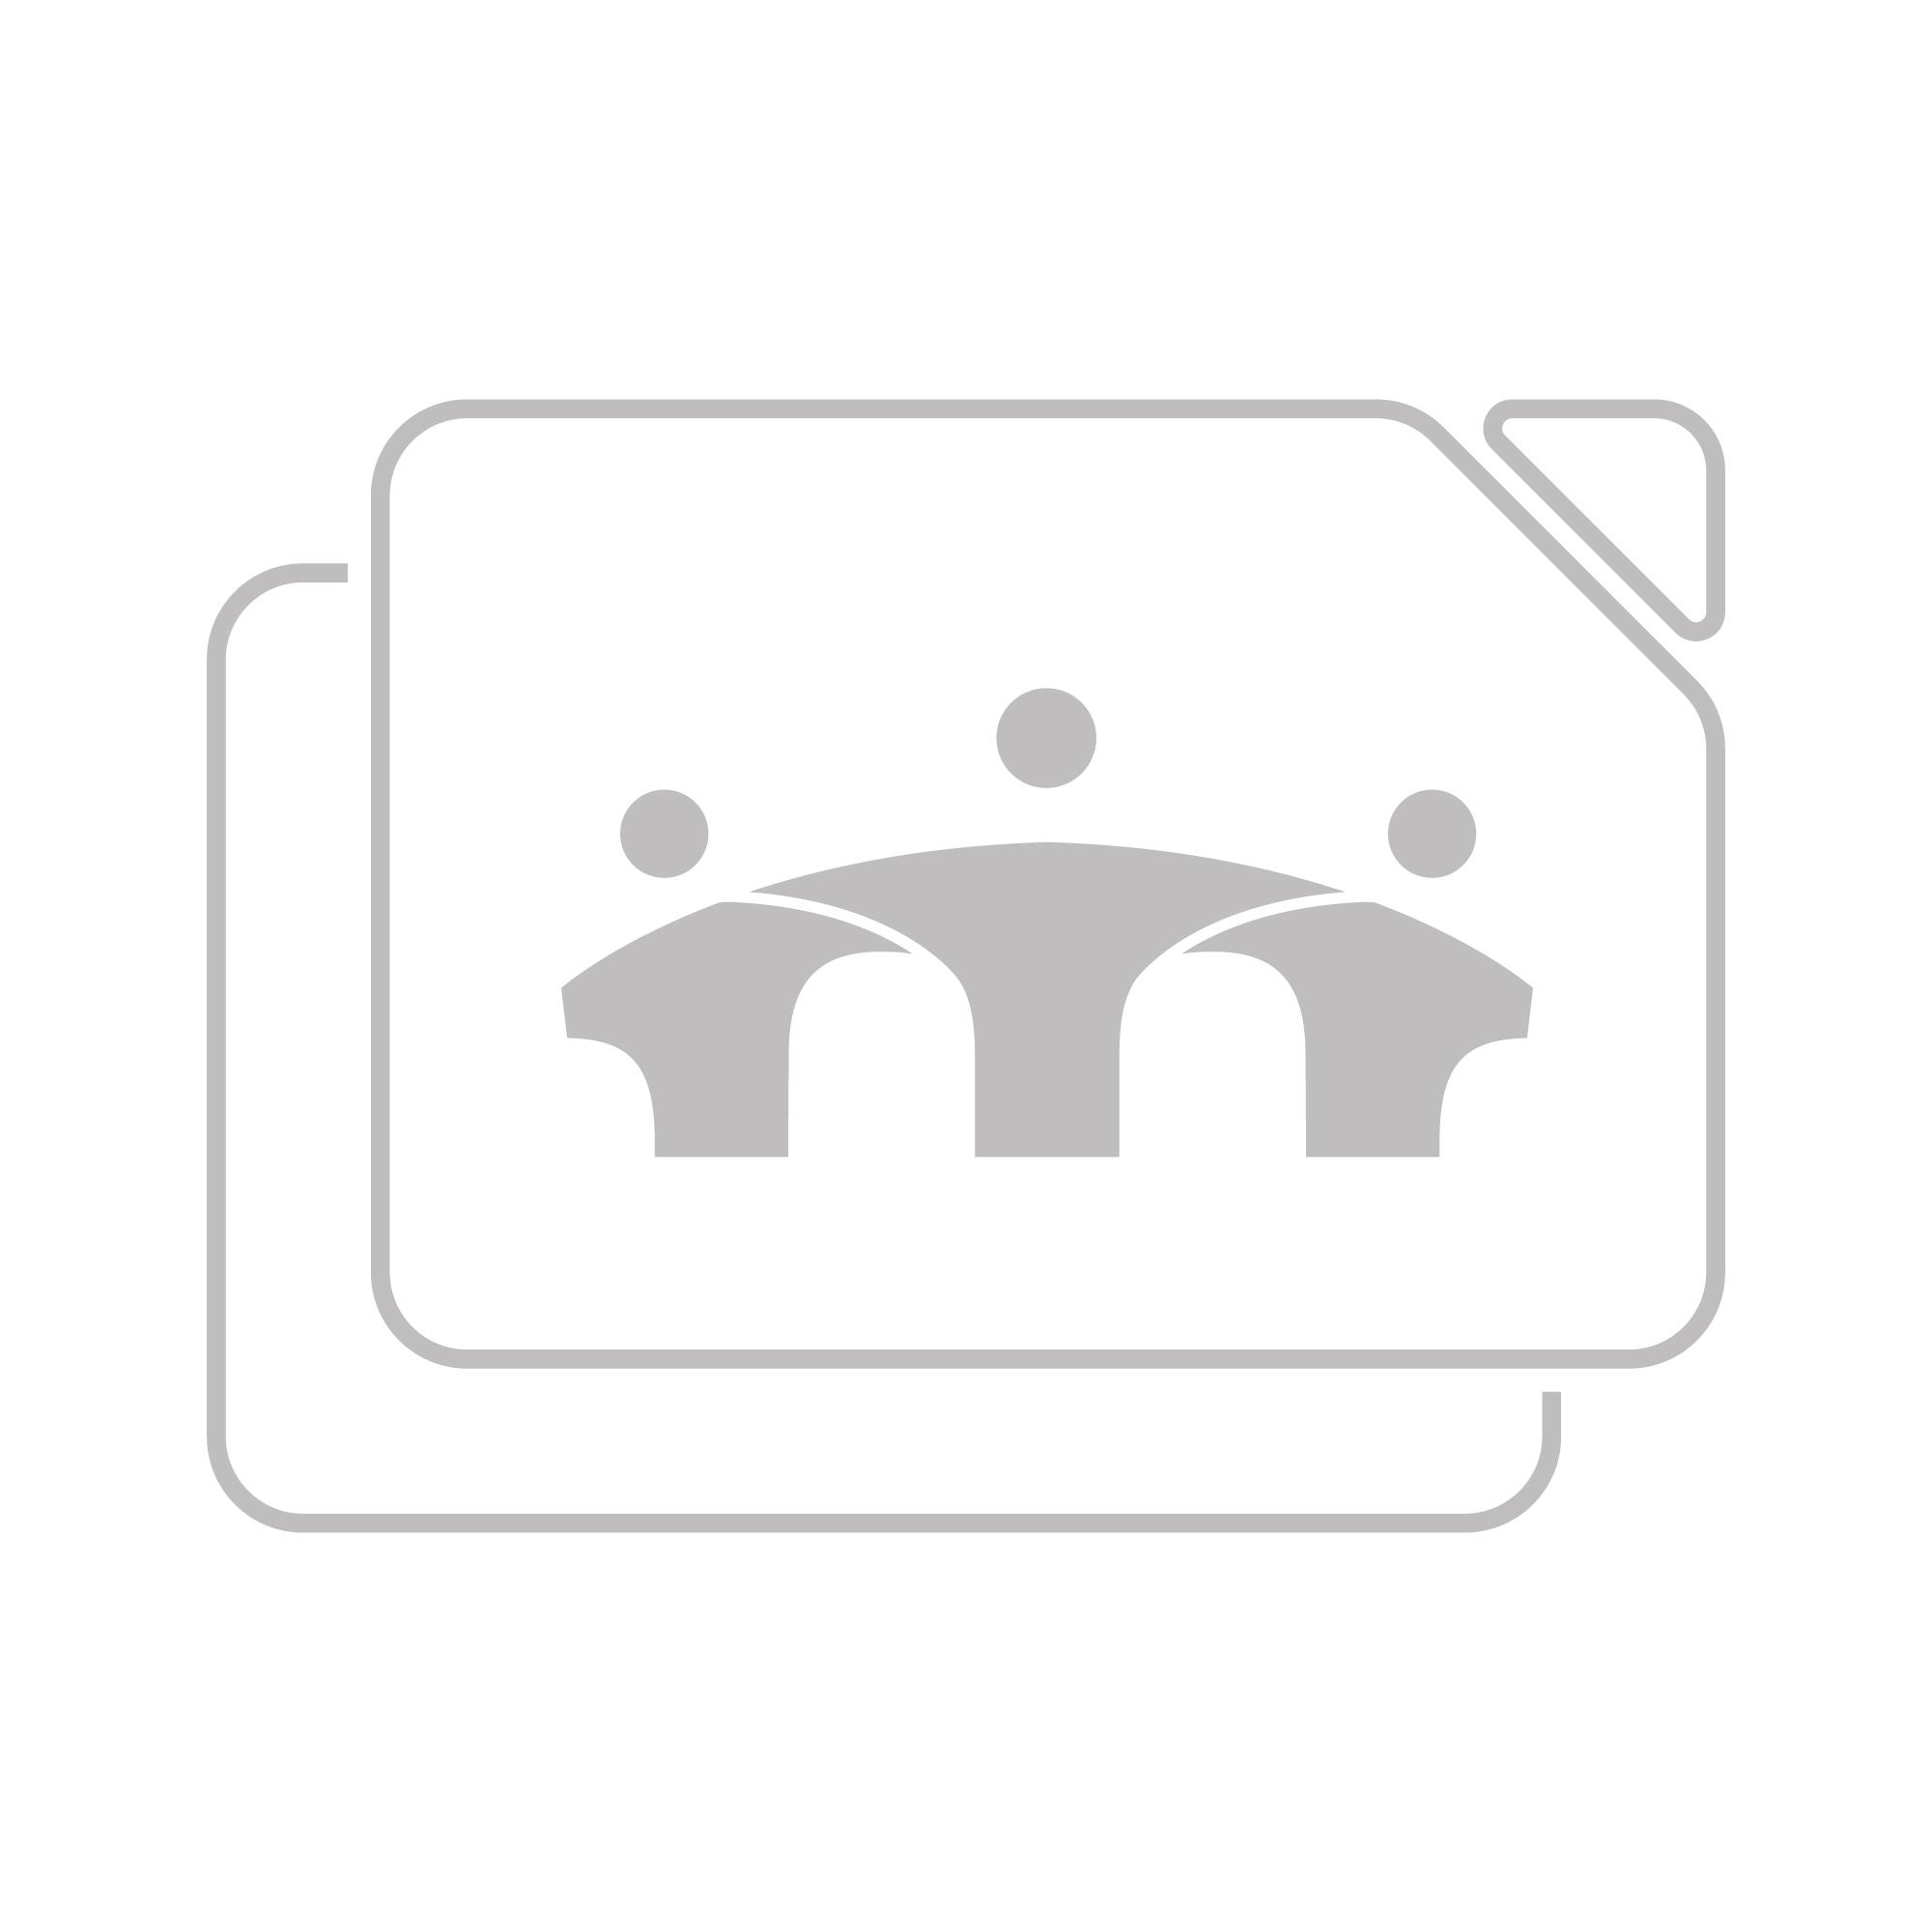 iStorage datAshur Pro 16GB